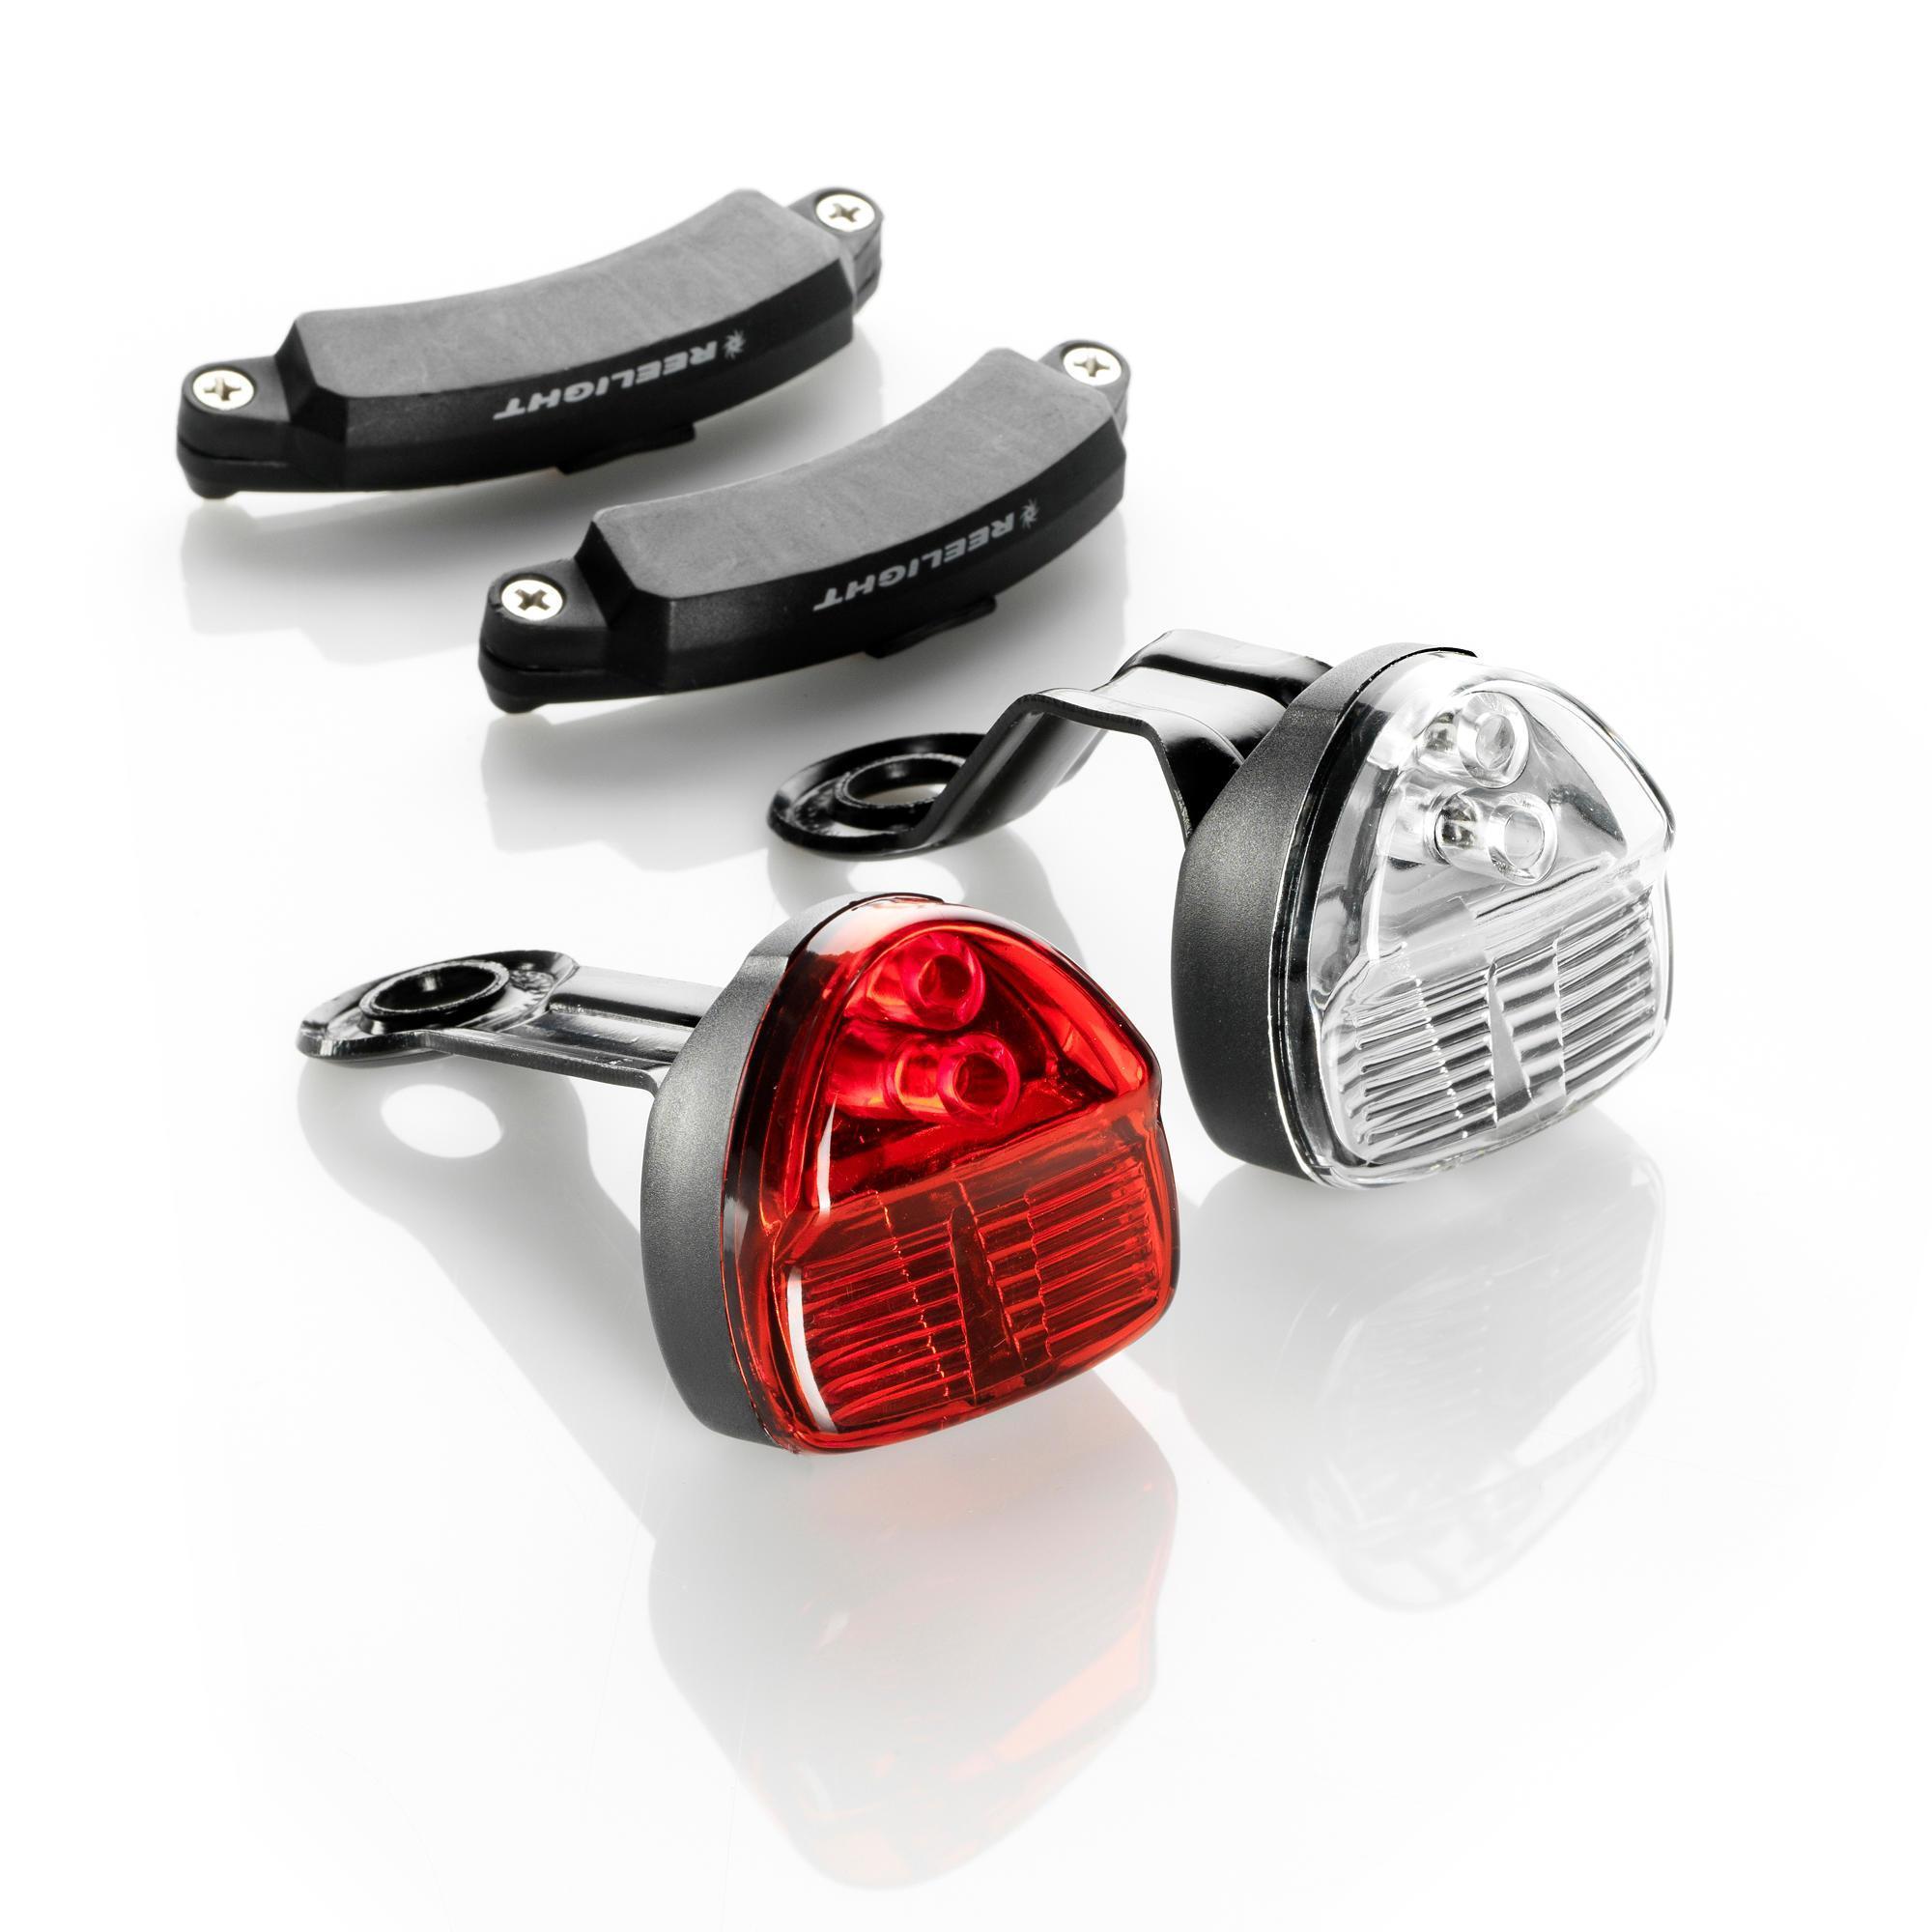 Reelight Ledfietsverlichting Reelight SL200 voor- en achterlicht